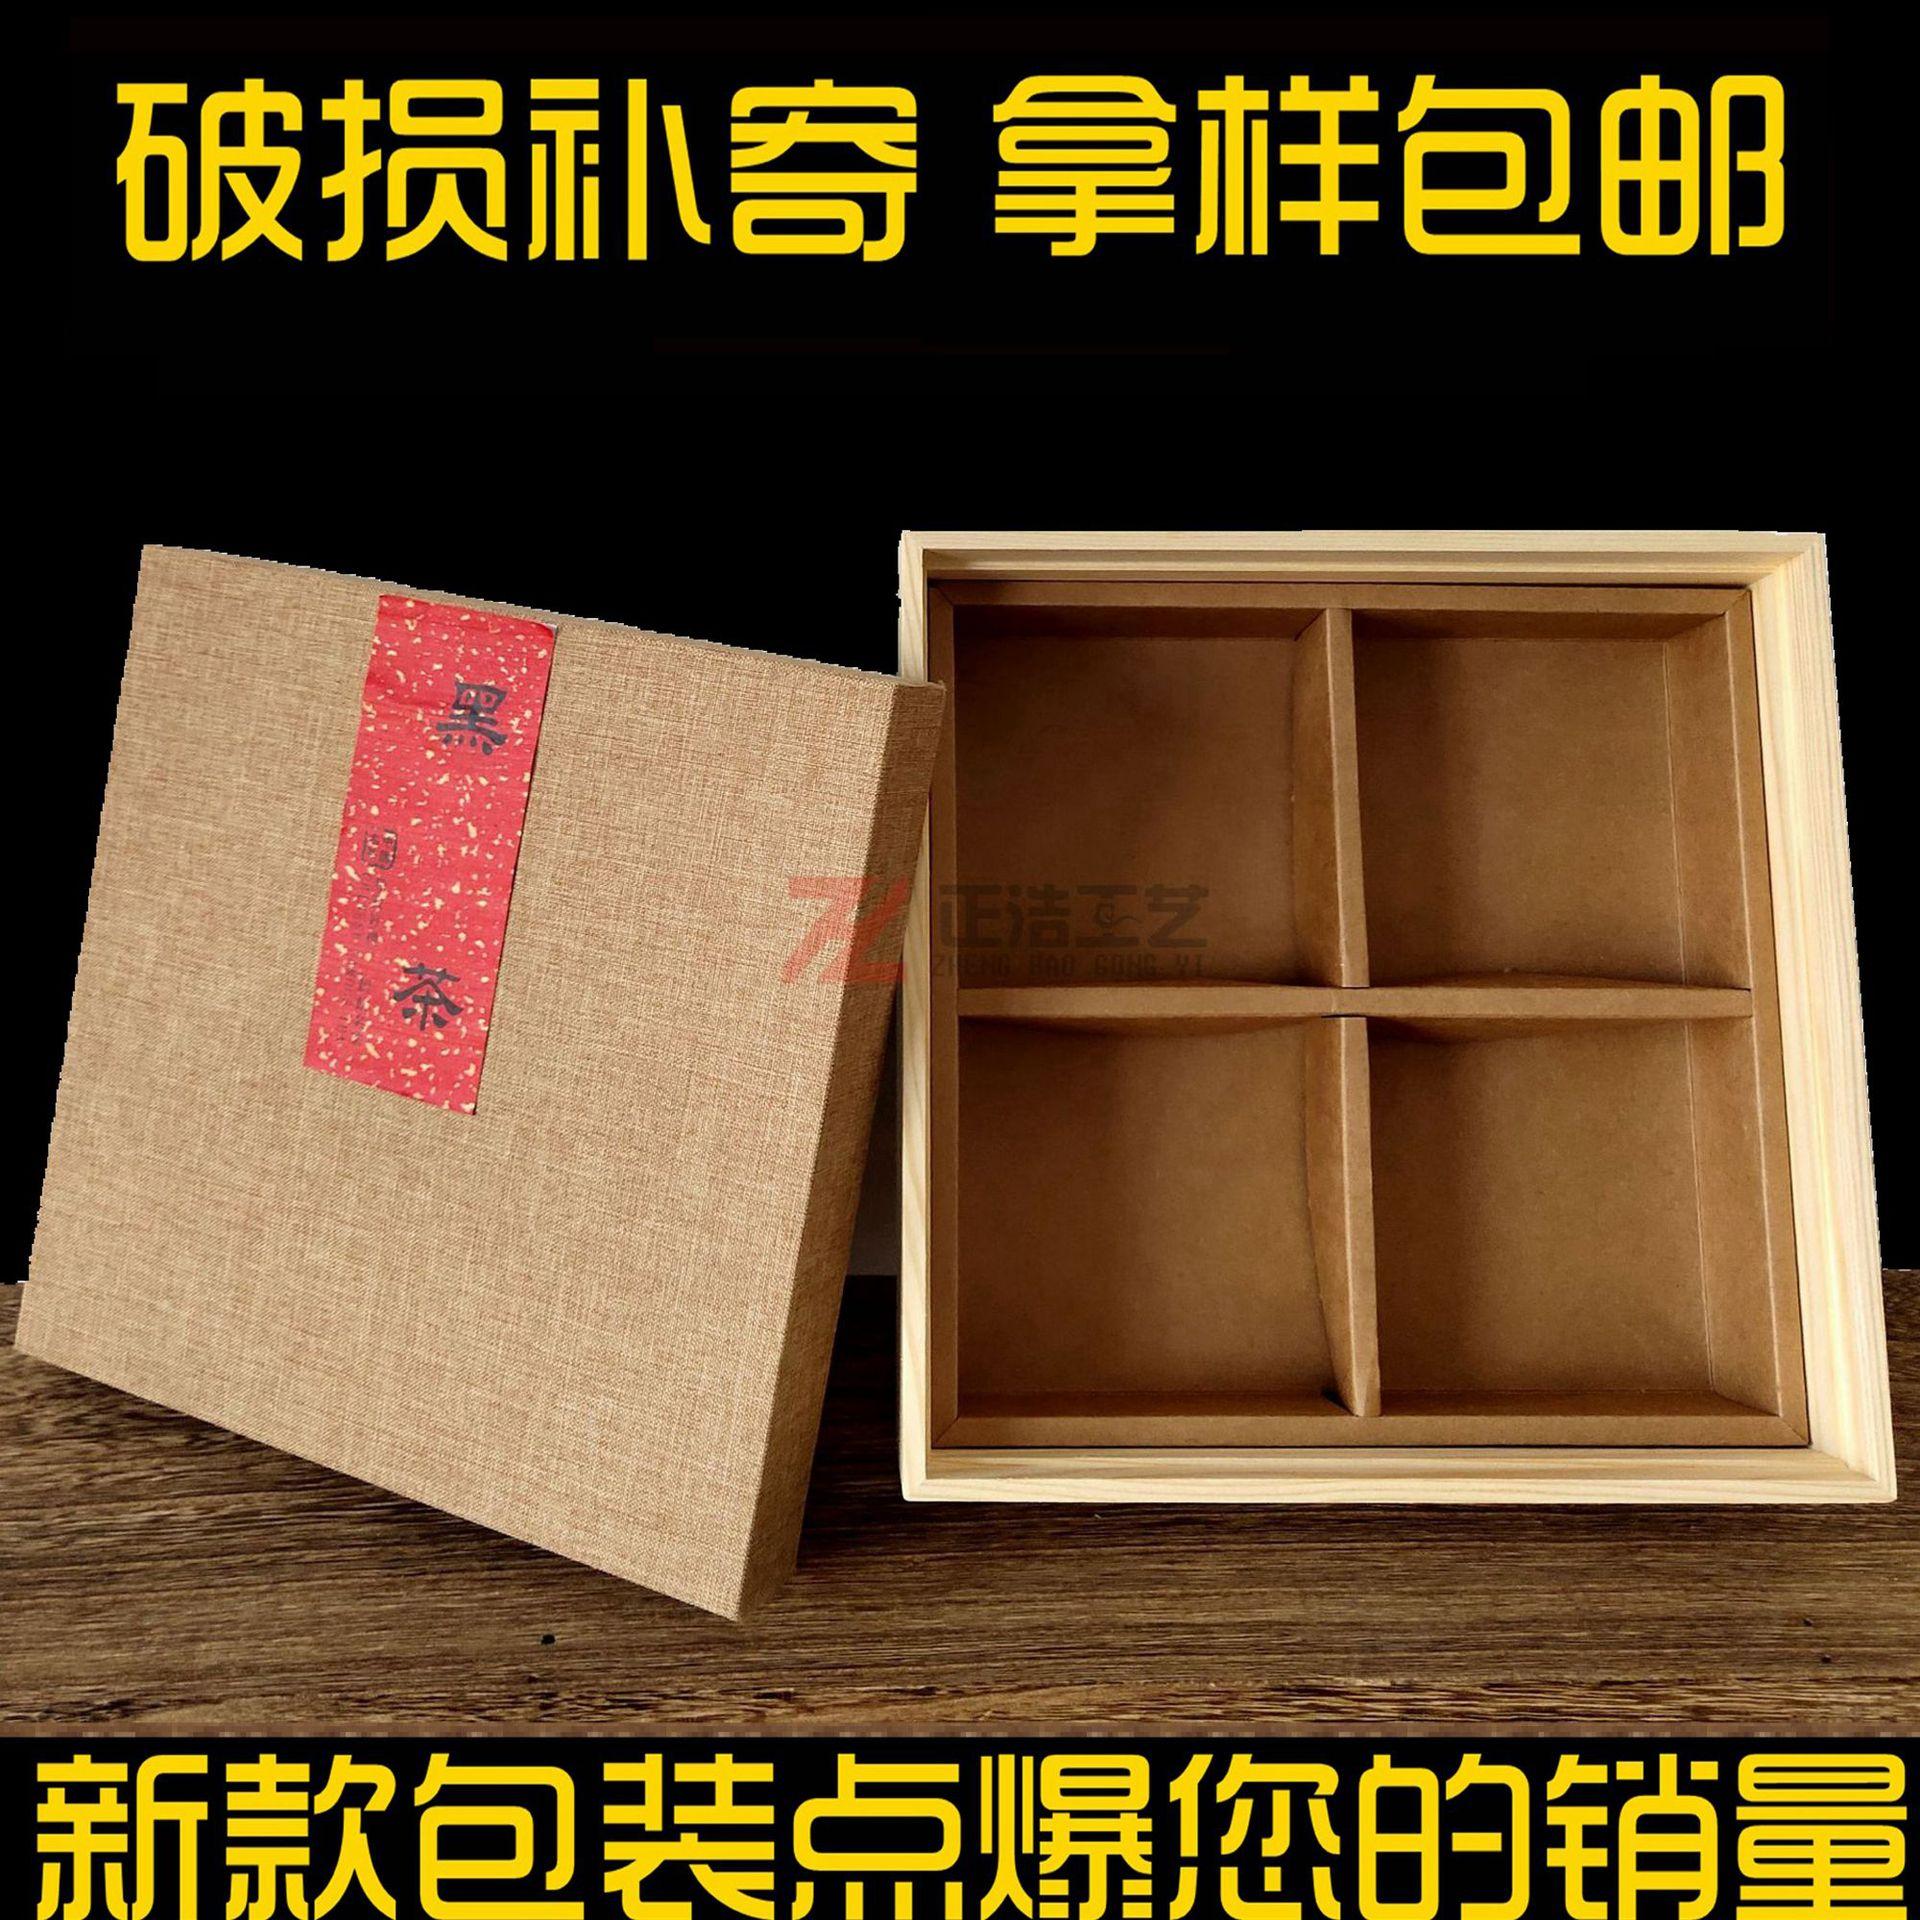 新款麻布�w高山四格包�b�Y盒�F�松木燕�C包�b木制上古丹『�』不知道多少茶�~盒定制